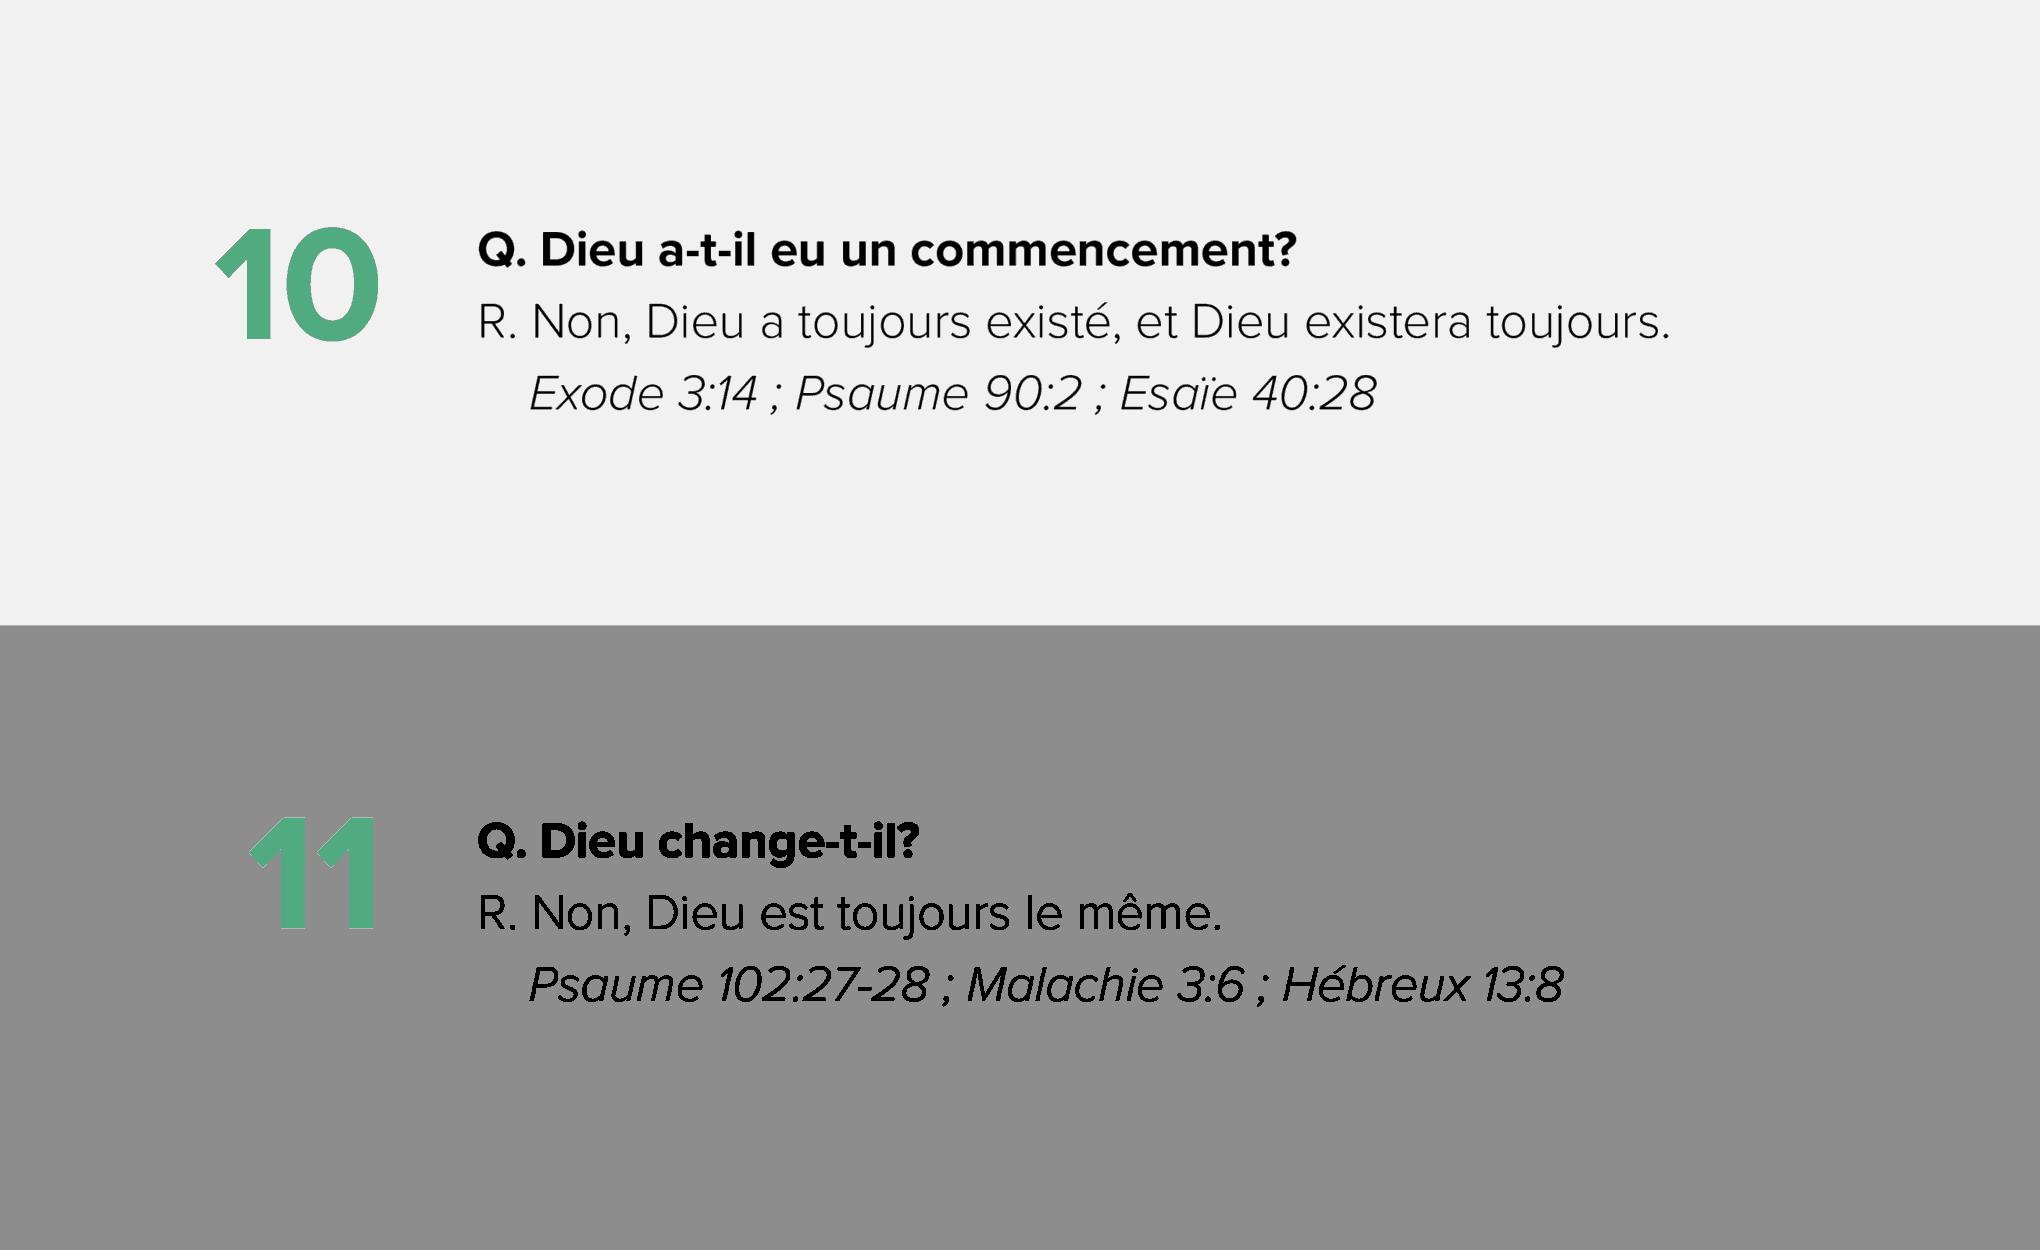 Q&A_10-11F